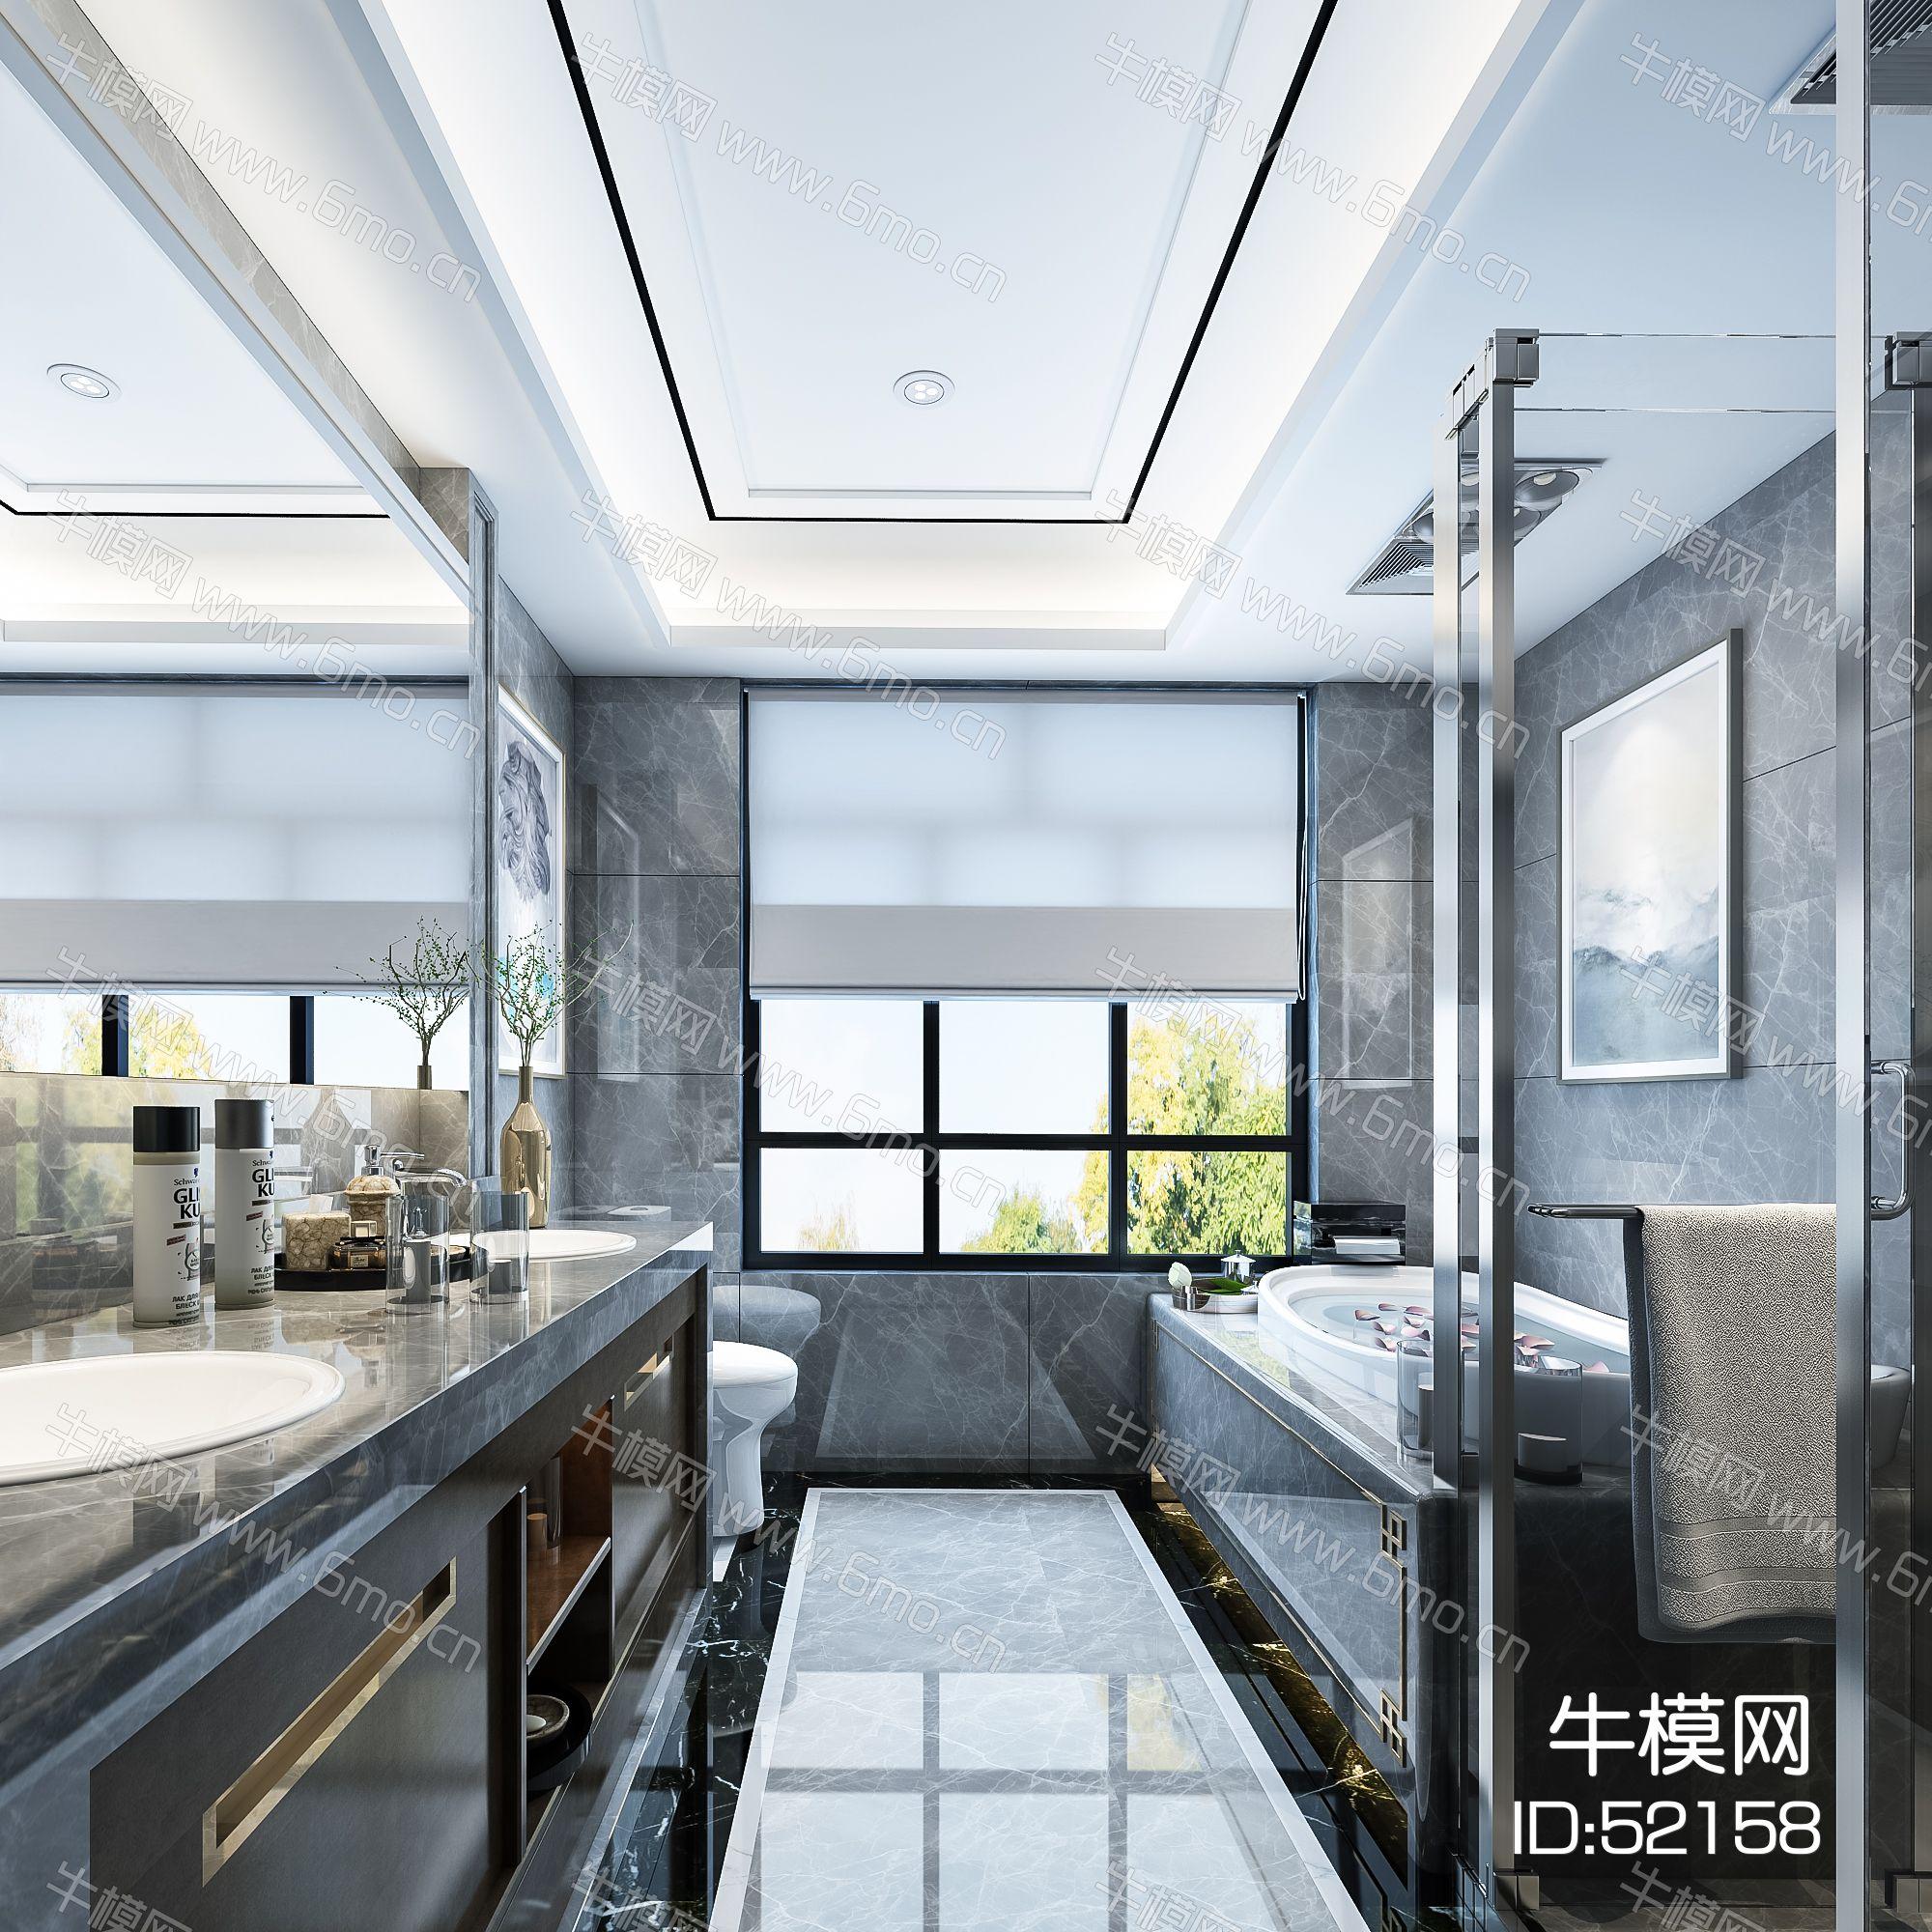 现代卫生间   马桶  洗手台 浴缸 镜子 玻璃隔断  挂画  摆件